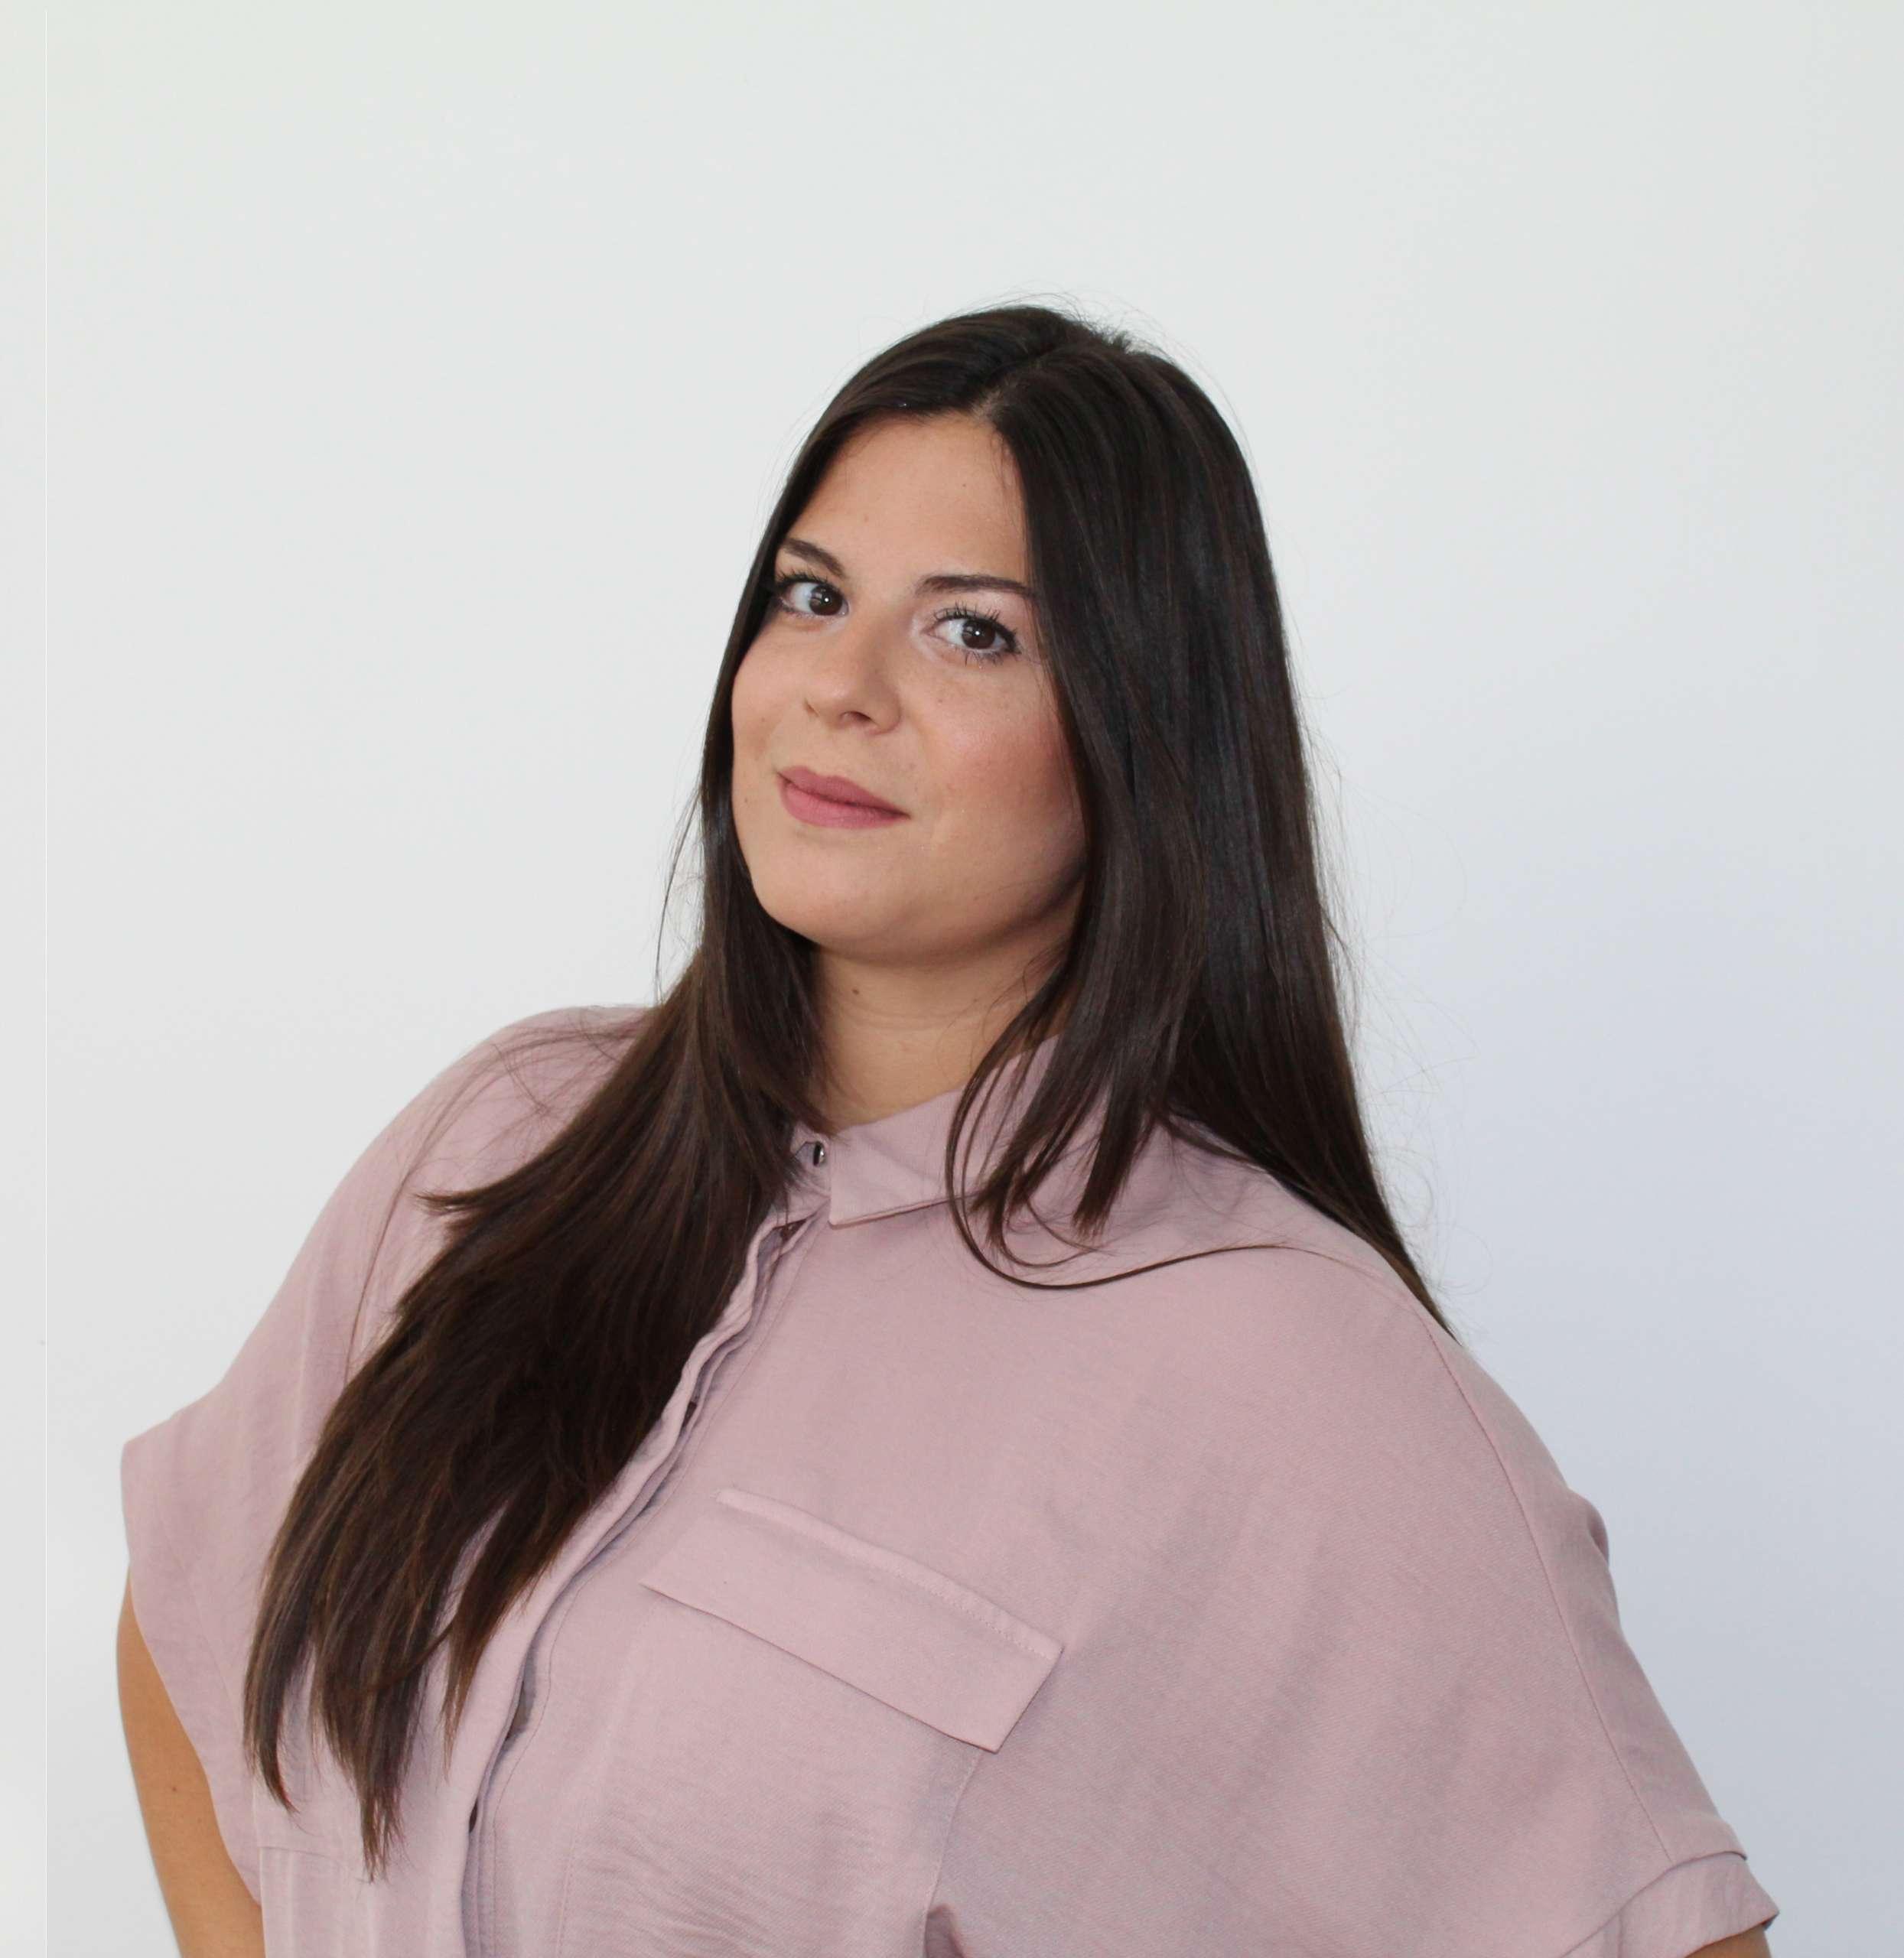 Laura Ródenas